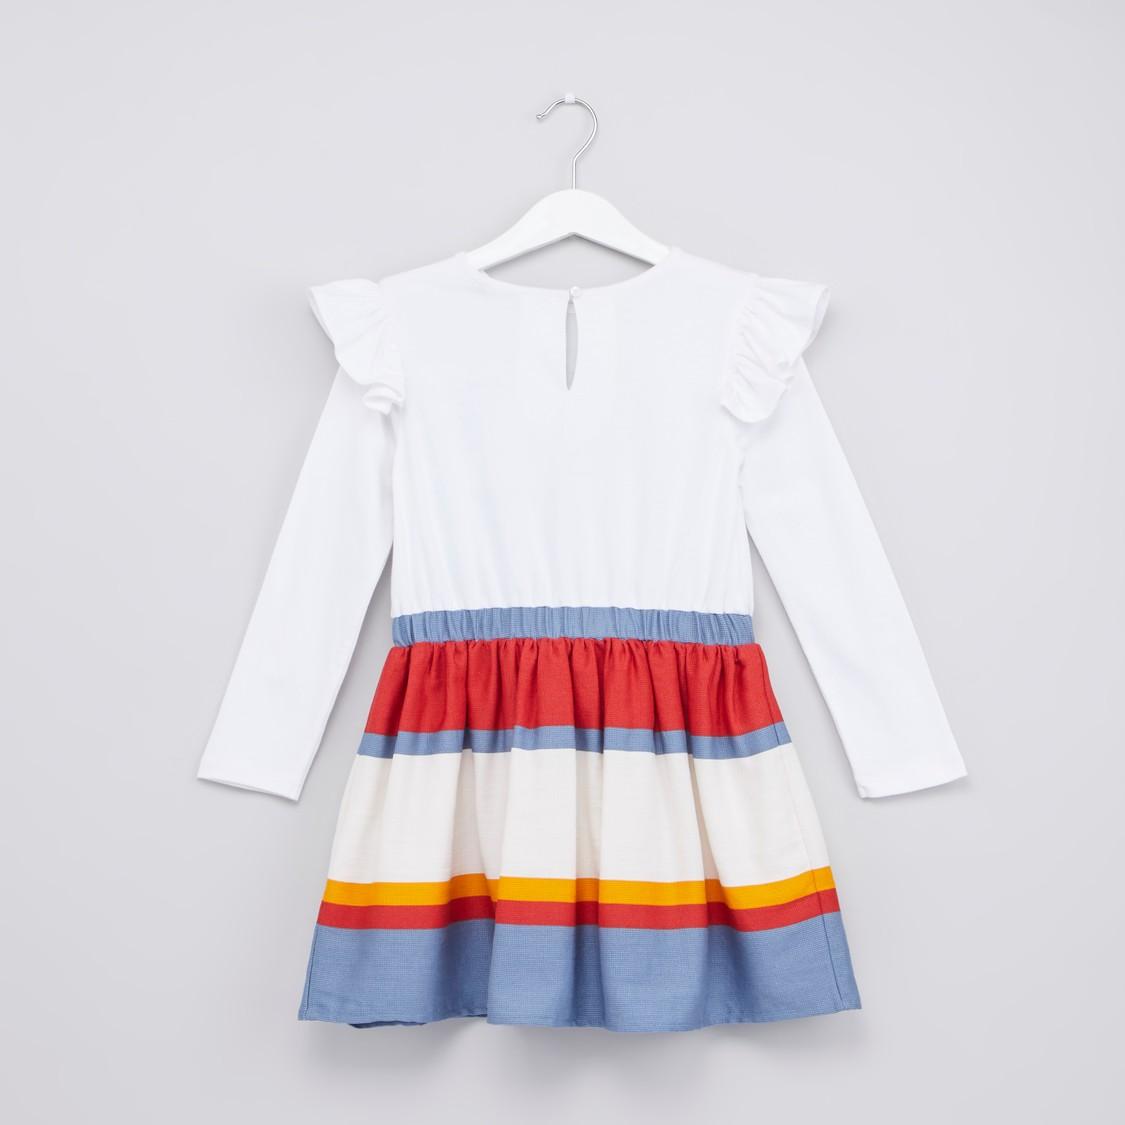 فستان بأكمام طويلة وتفاصيل كشكش وطبعات